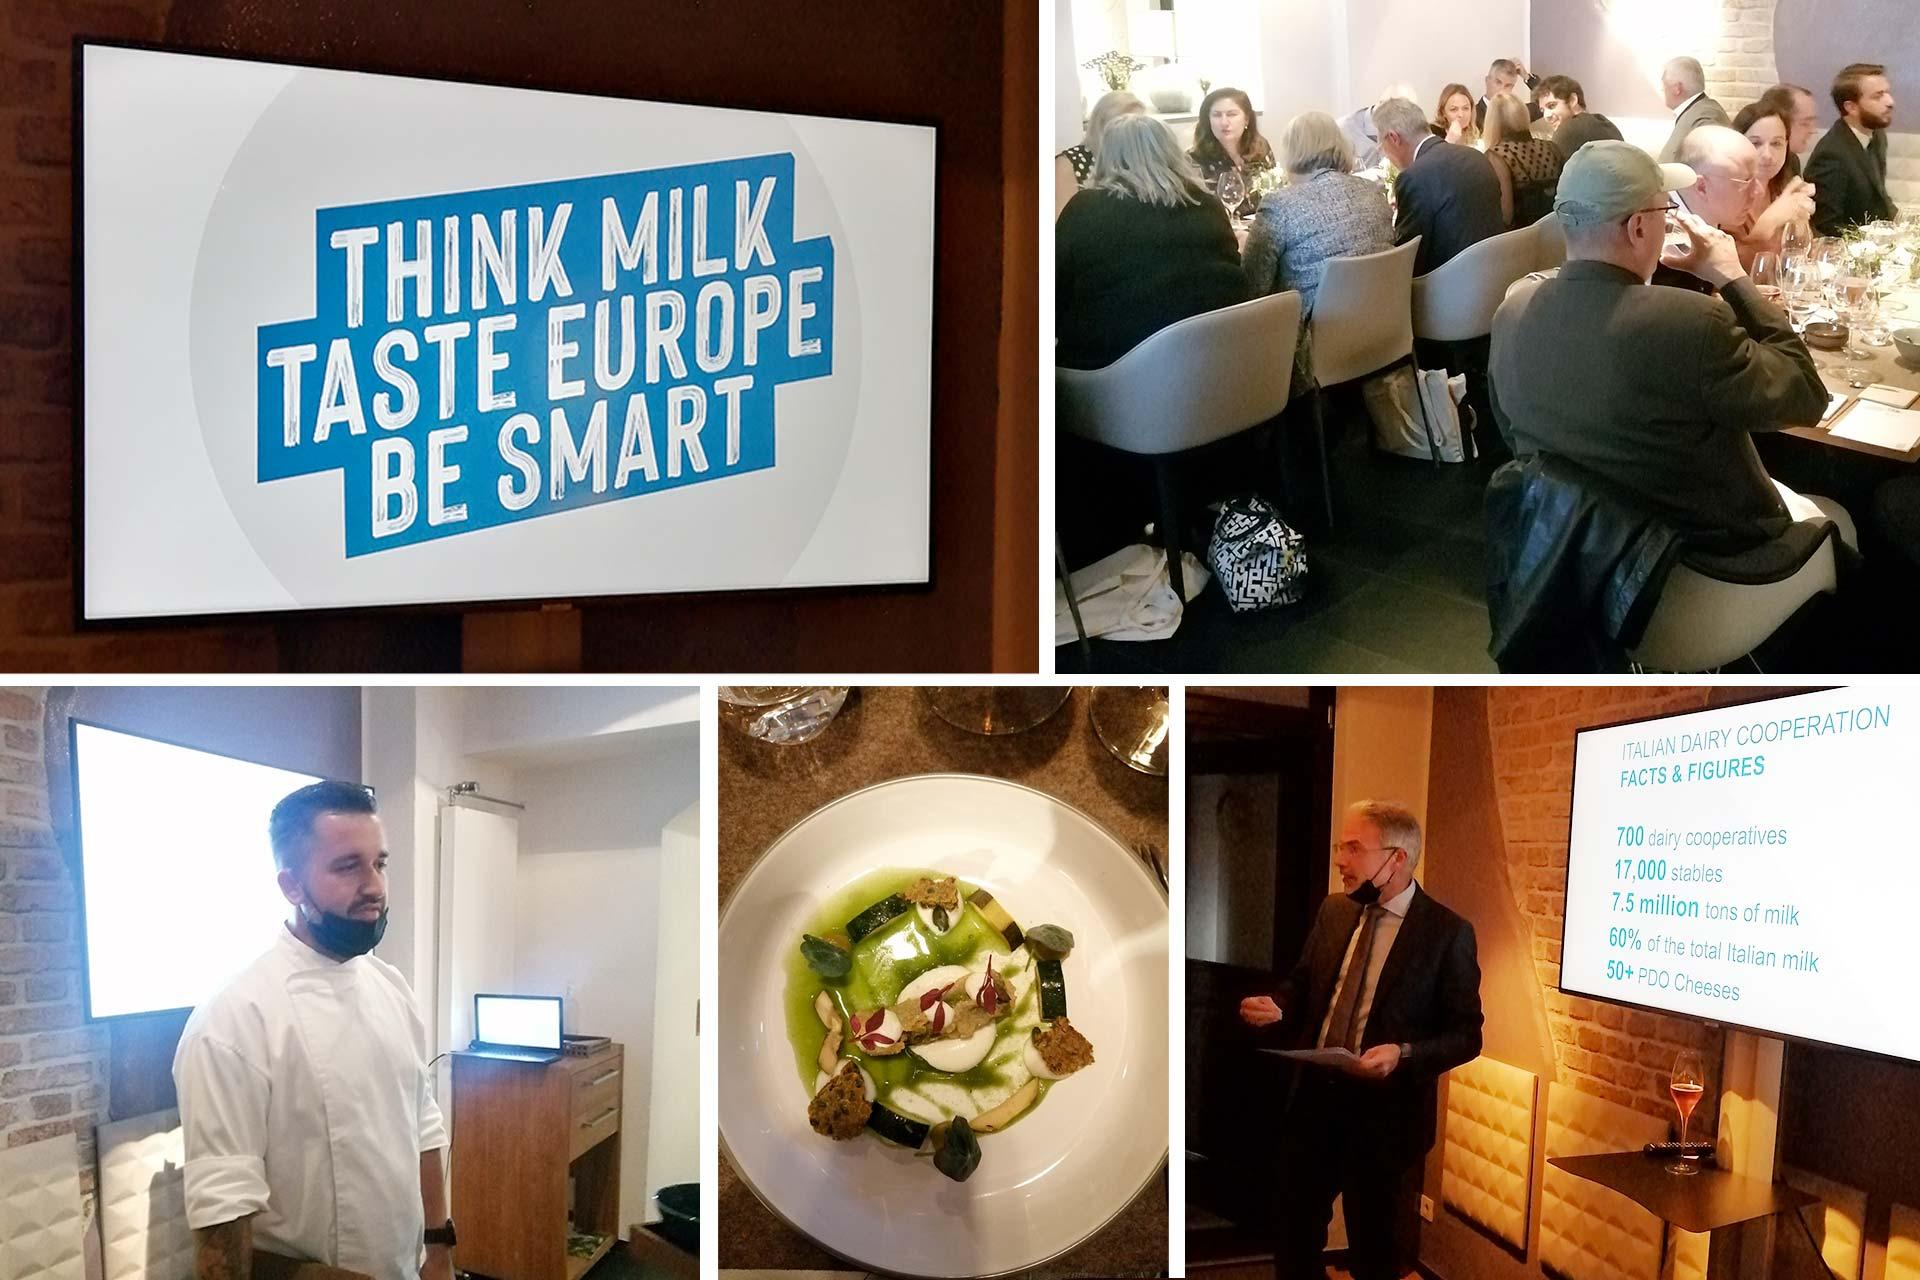 Latte e derivati: Evento Think Milk Be Smart a Monaco